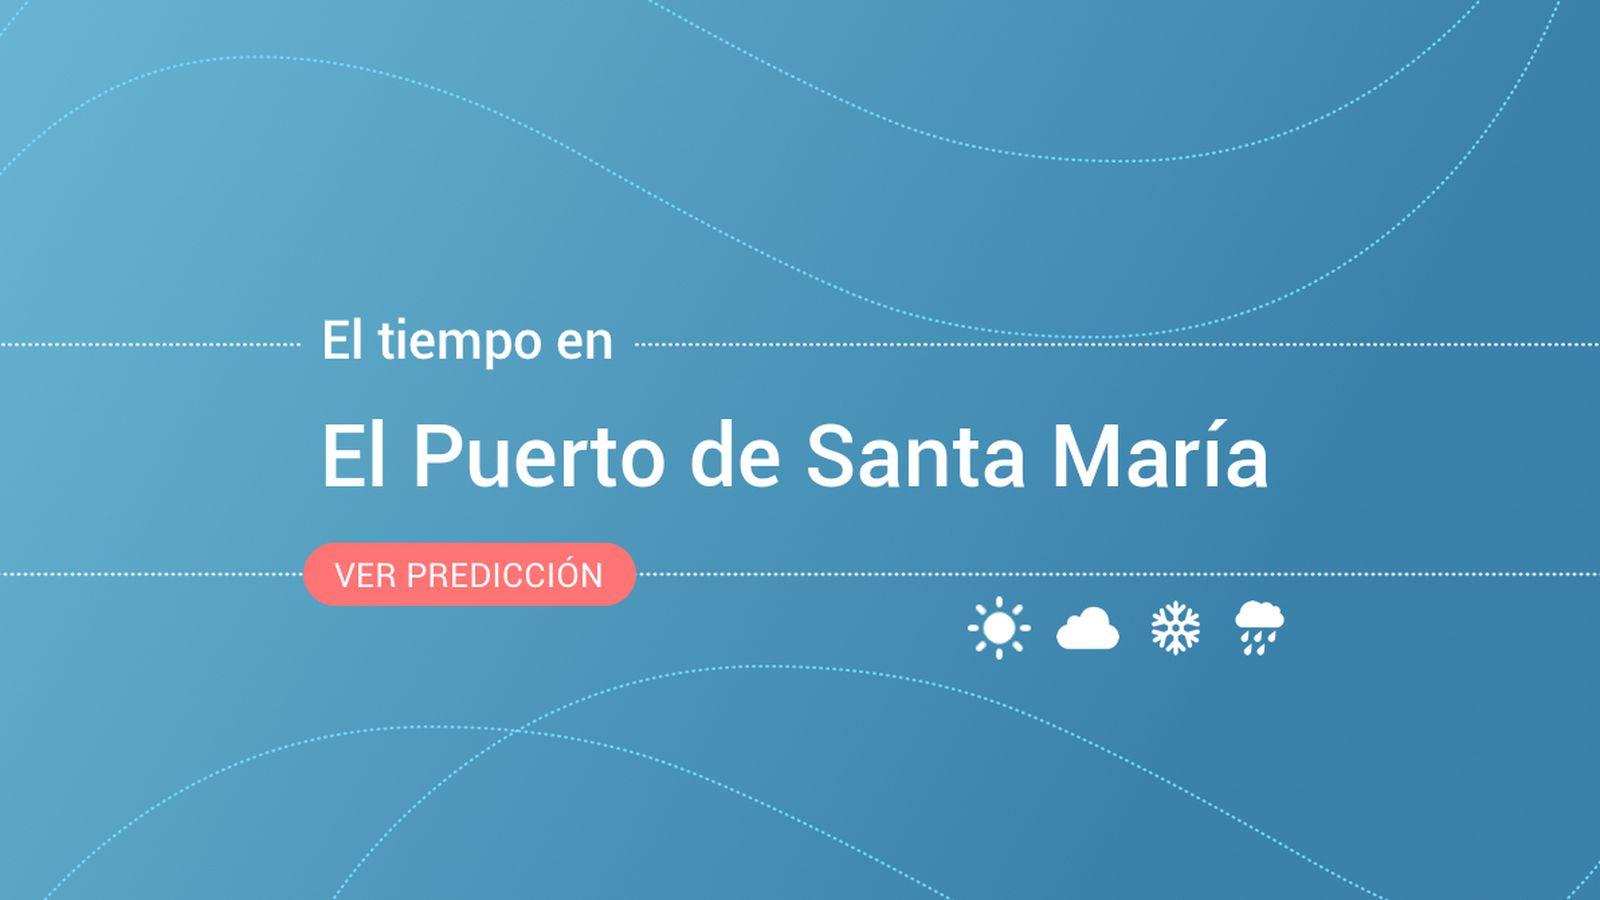 Foto: El tiempo en El Puerto de Santa María. (EC)